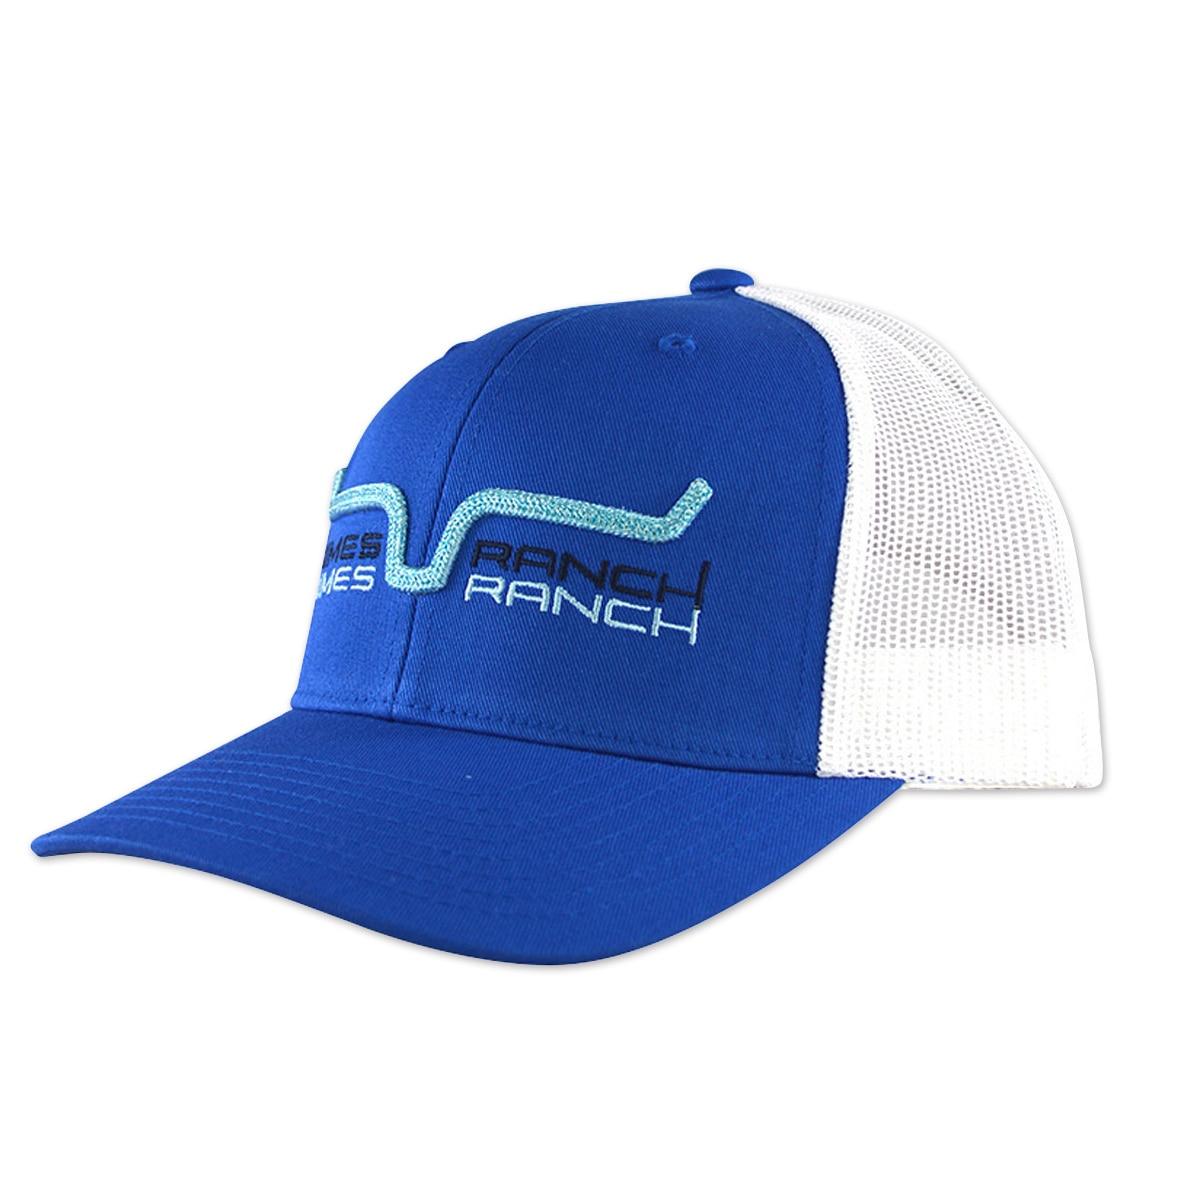 Kimes Ranch Shadow Trucker Hat 8aca89b8a3f